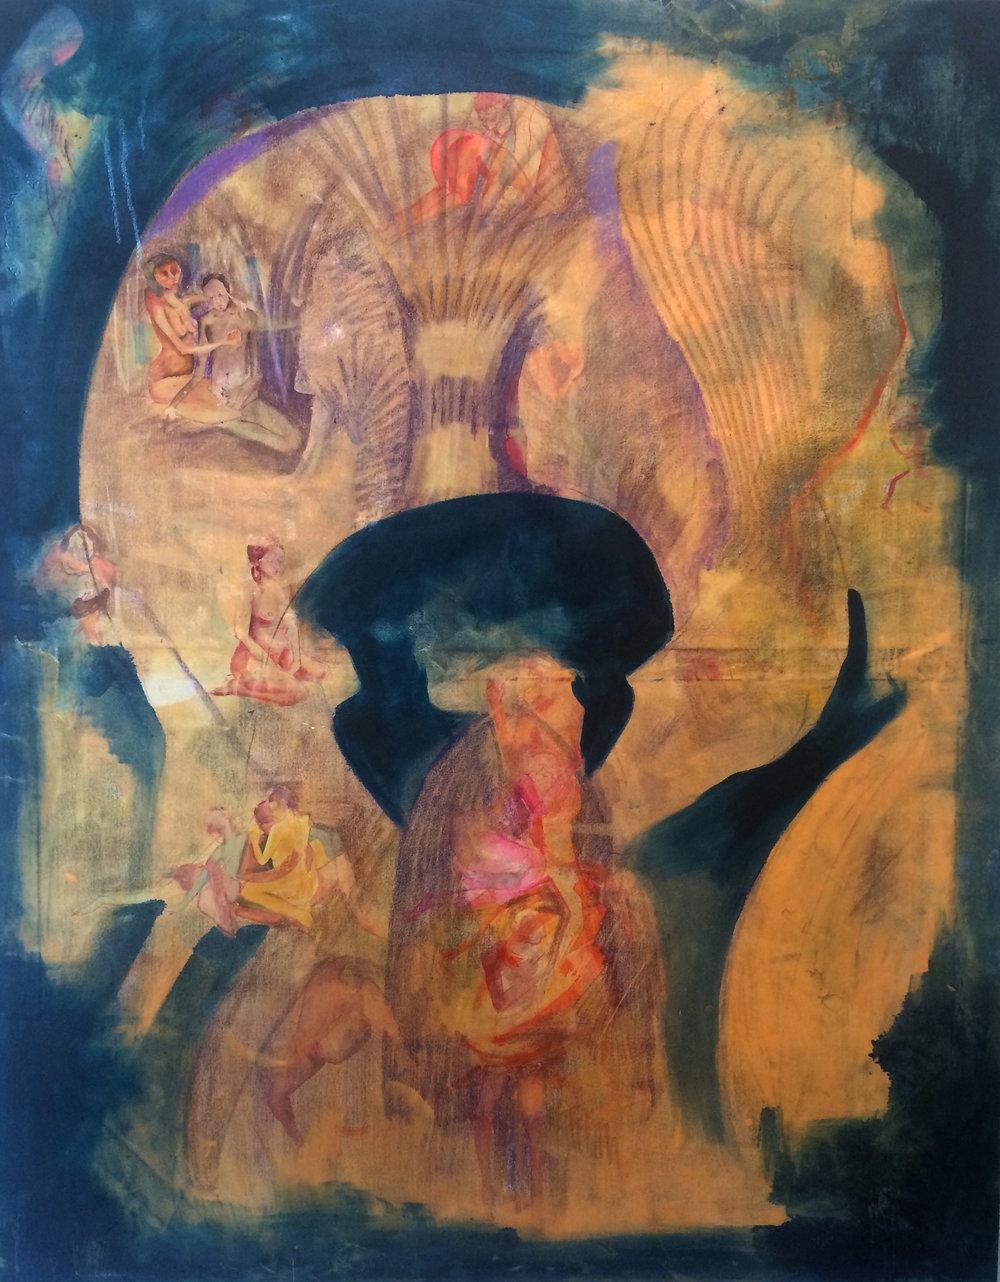 óleo, lápiz, tinta sobre tela 140 x 110 cm